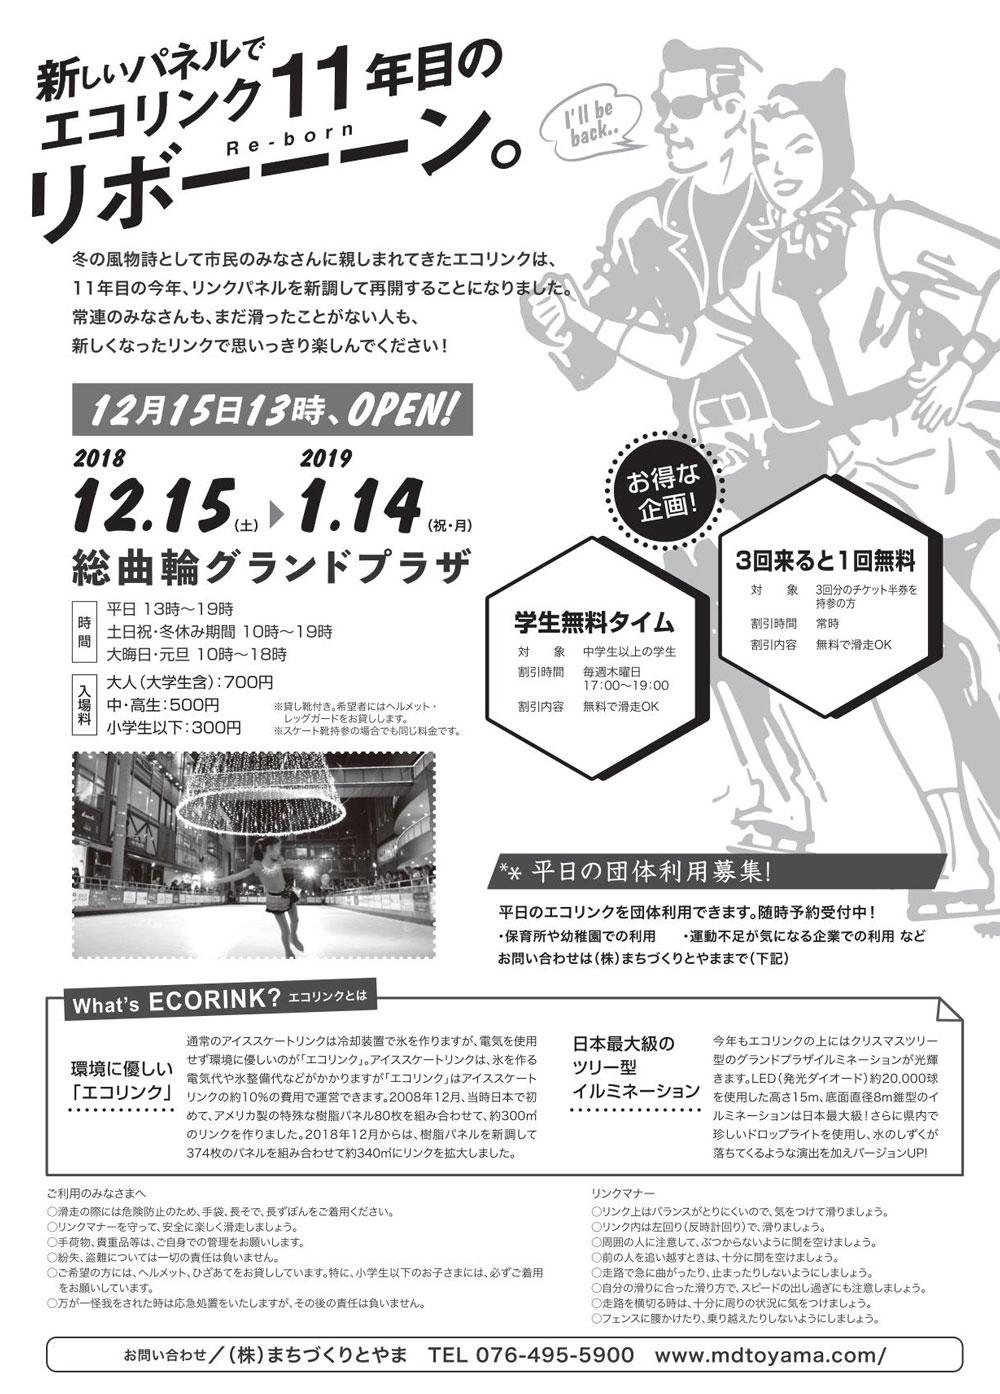 【エコリンク2018】グランドプラザのスケートリンクの詳細情報